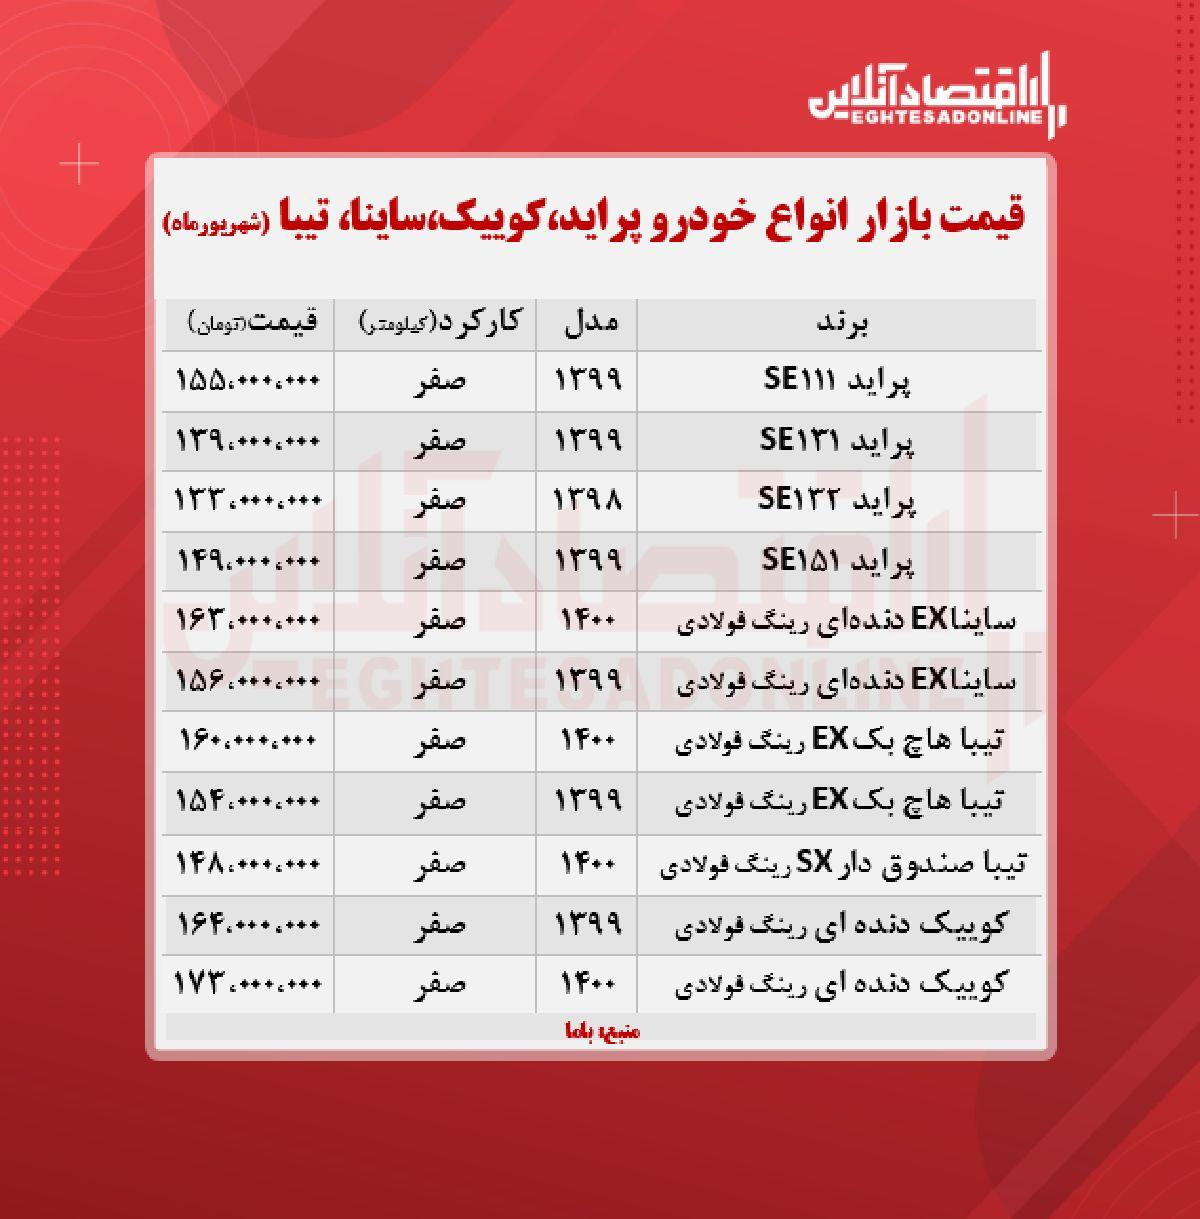 پراید ۱۵۵میلیون شد/ قیمت ساینا، کوییک و تیبا + جدول